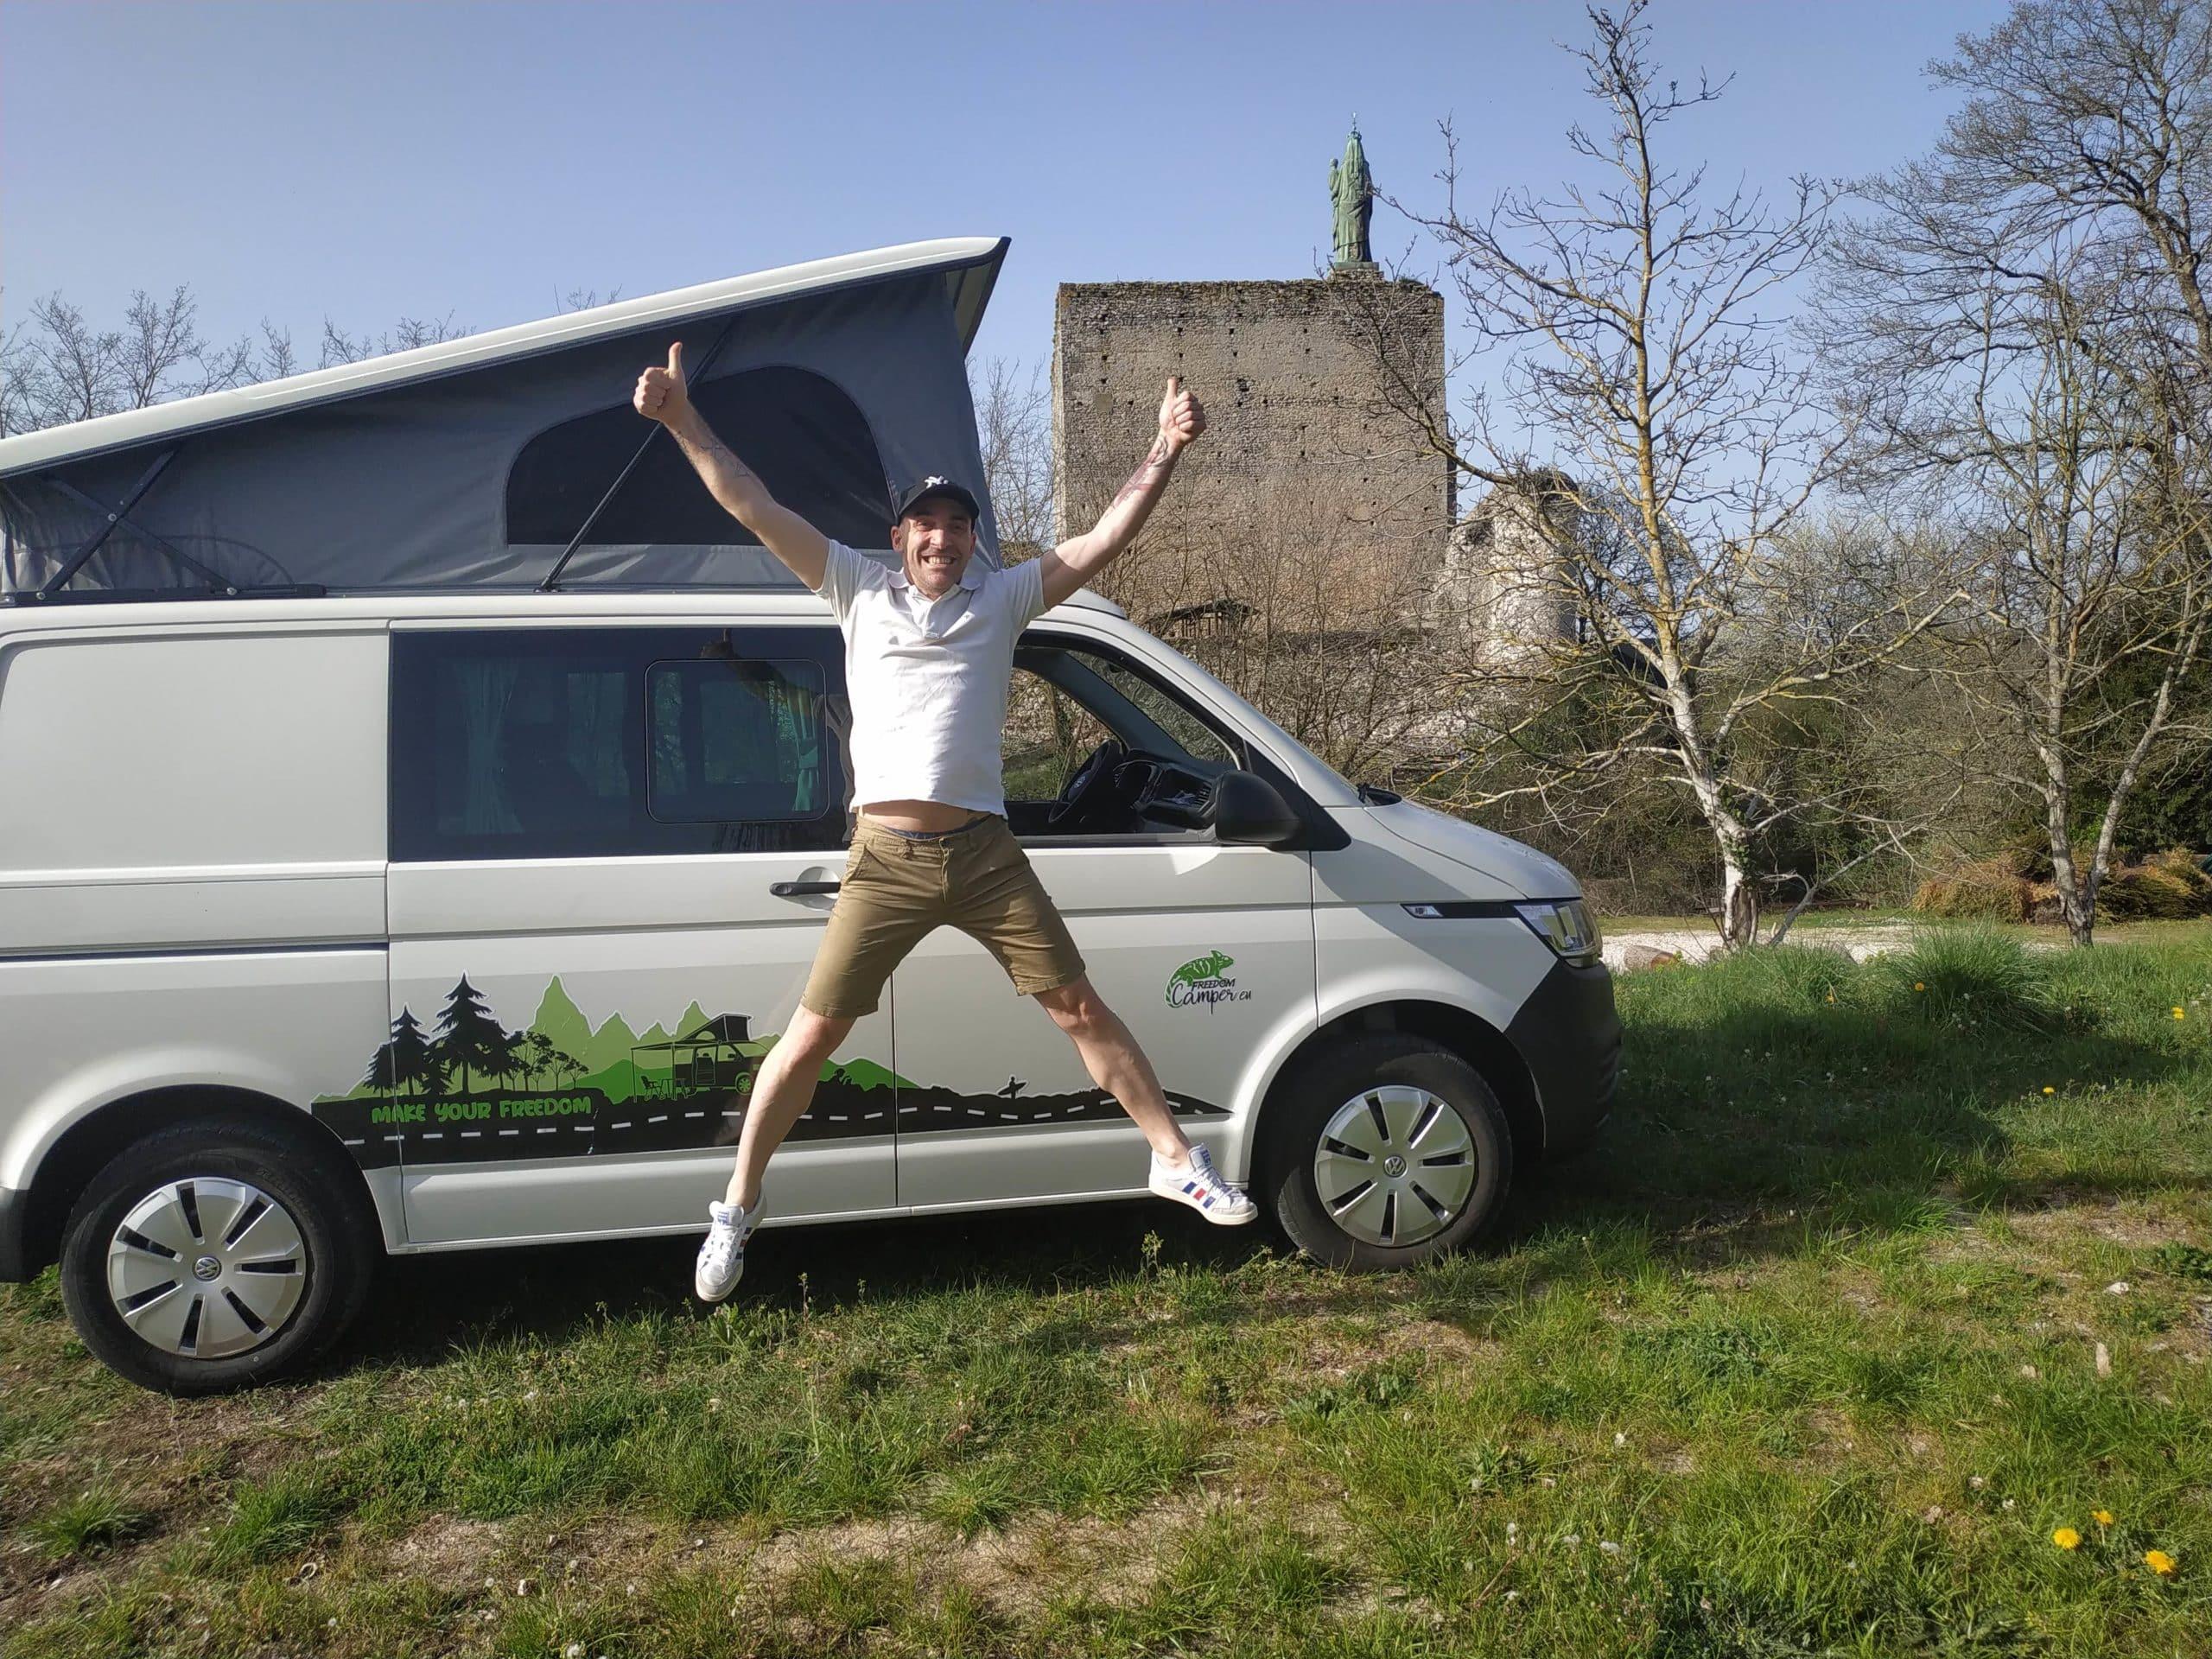 Ludo, vanlifer vous accueille avec enthousiasme à l'agence Freedom Camper Tours !